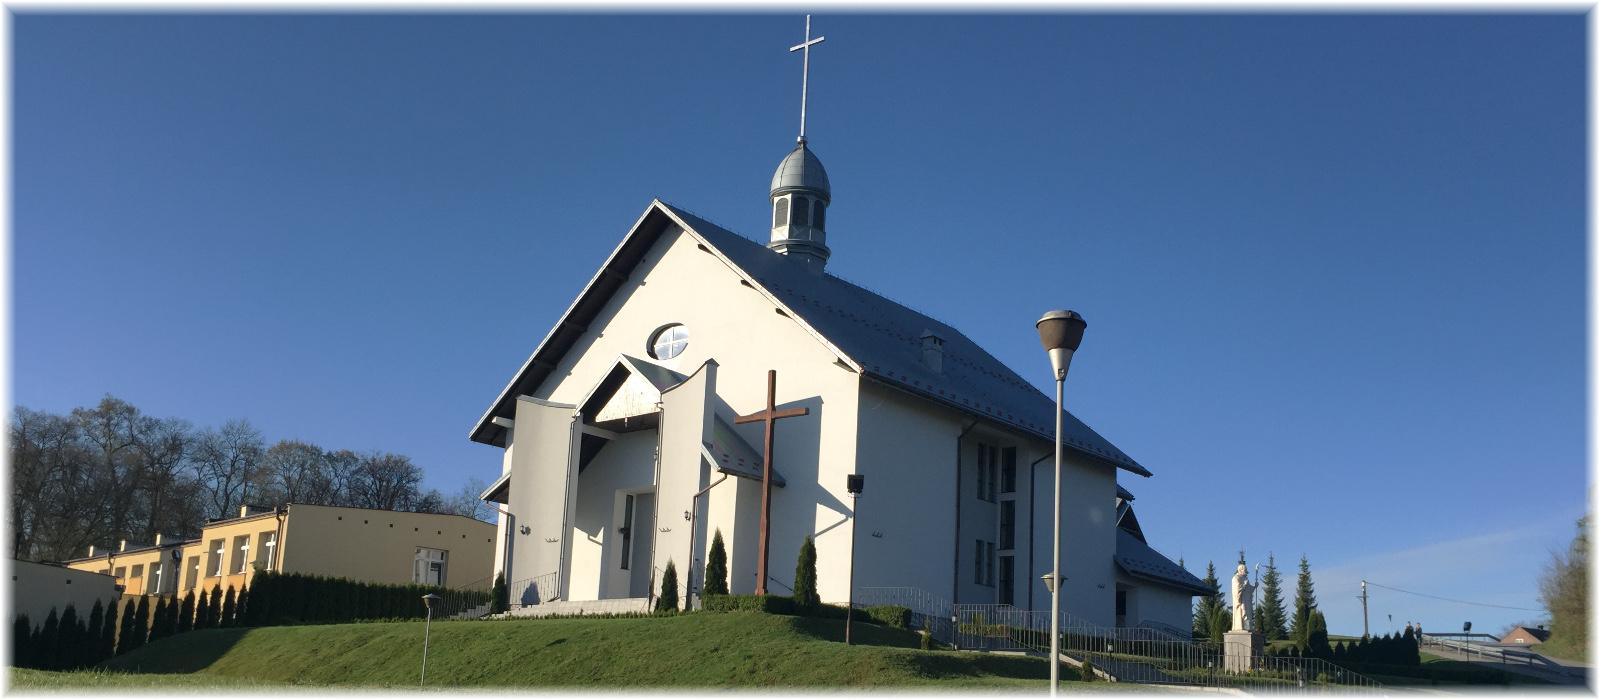 Parafia rzymskokatolicka pw. Niepokalanego Poczęcia Najświętszej Maryi Panny w Cieszacinie Wielkim